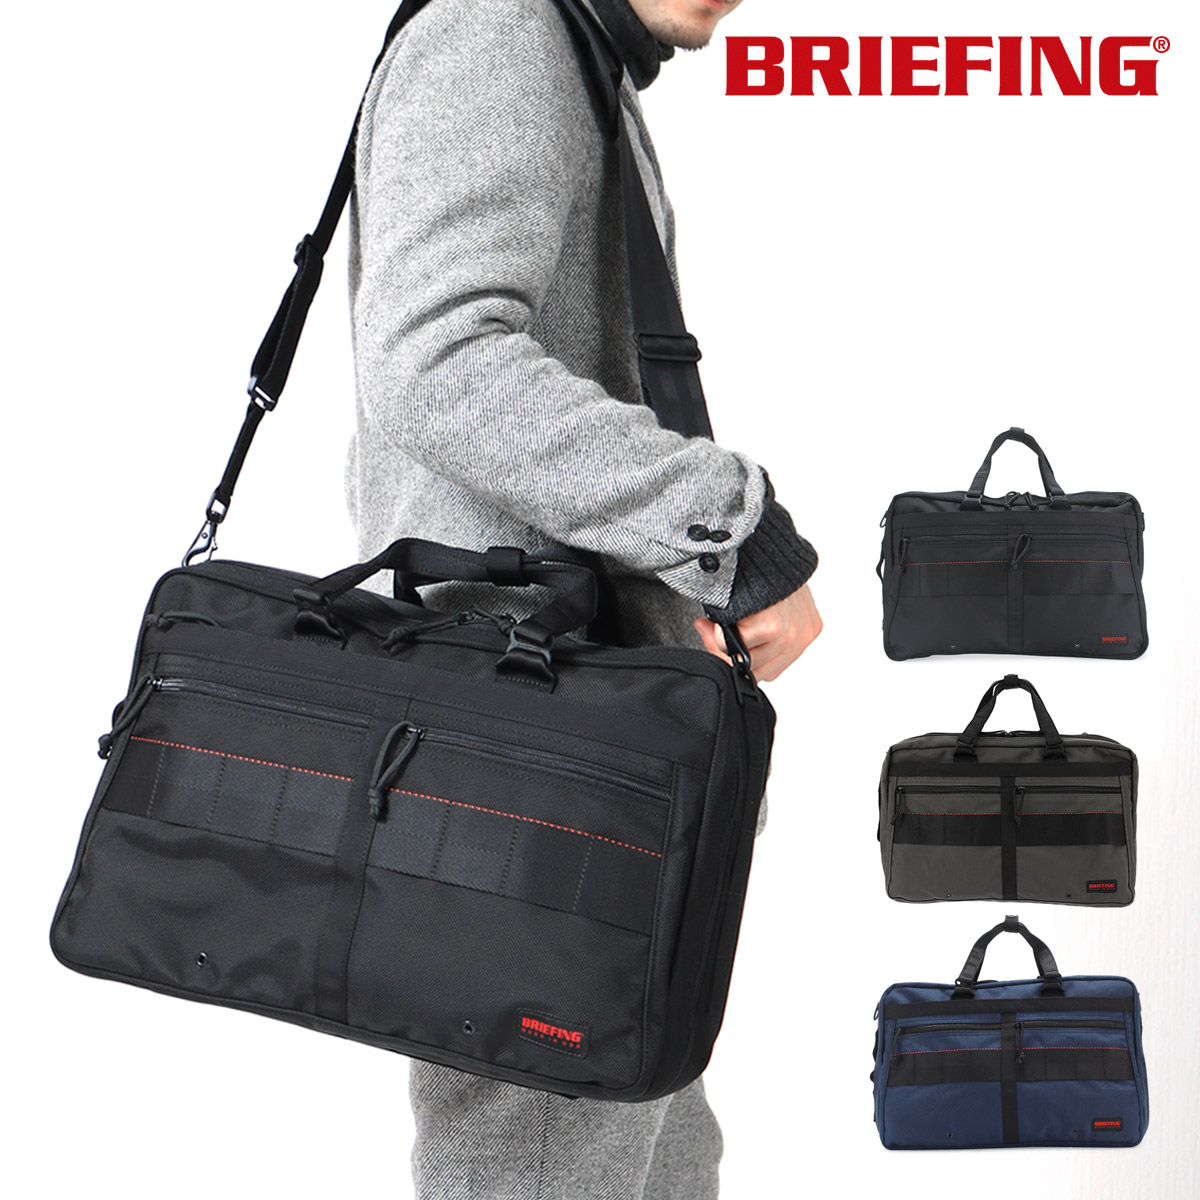 ブリーフィング ブリーフケース USA BRF115219 BRIEFING C-3 LINER 3WAY ショルダー リュック ビジネスバッグ バリスティックナイロン メンズ[bef][即日発送][PO10]